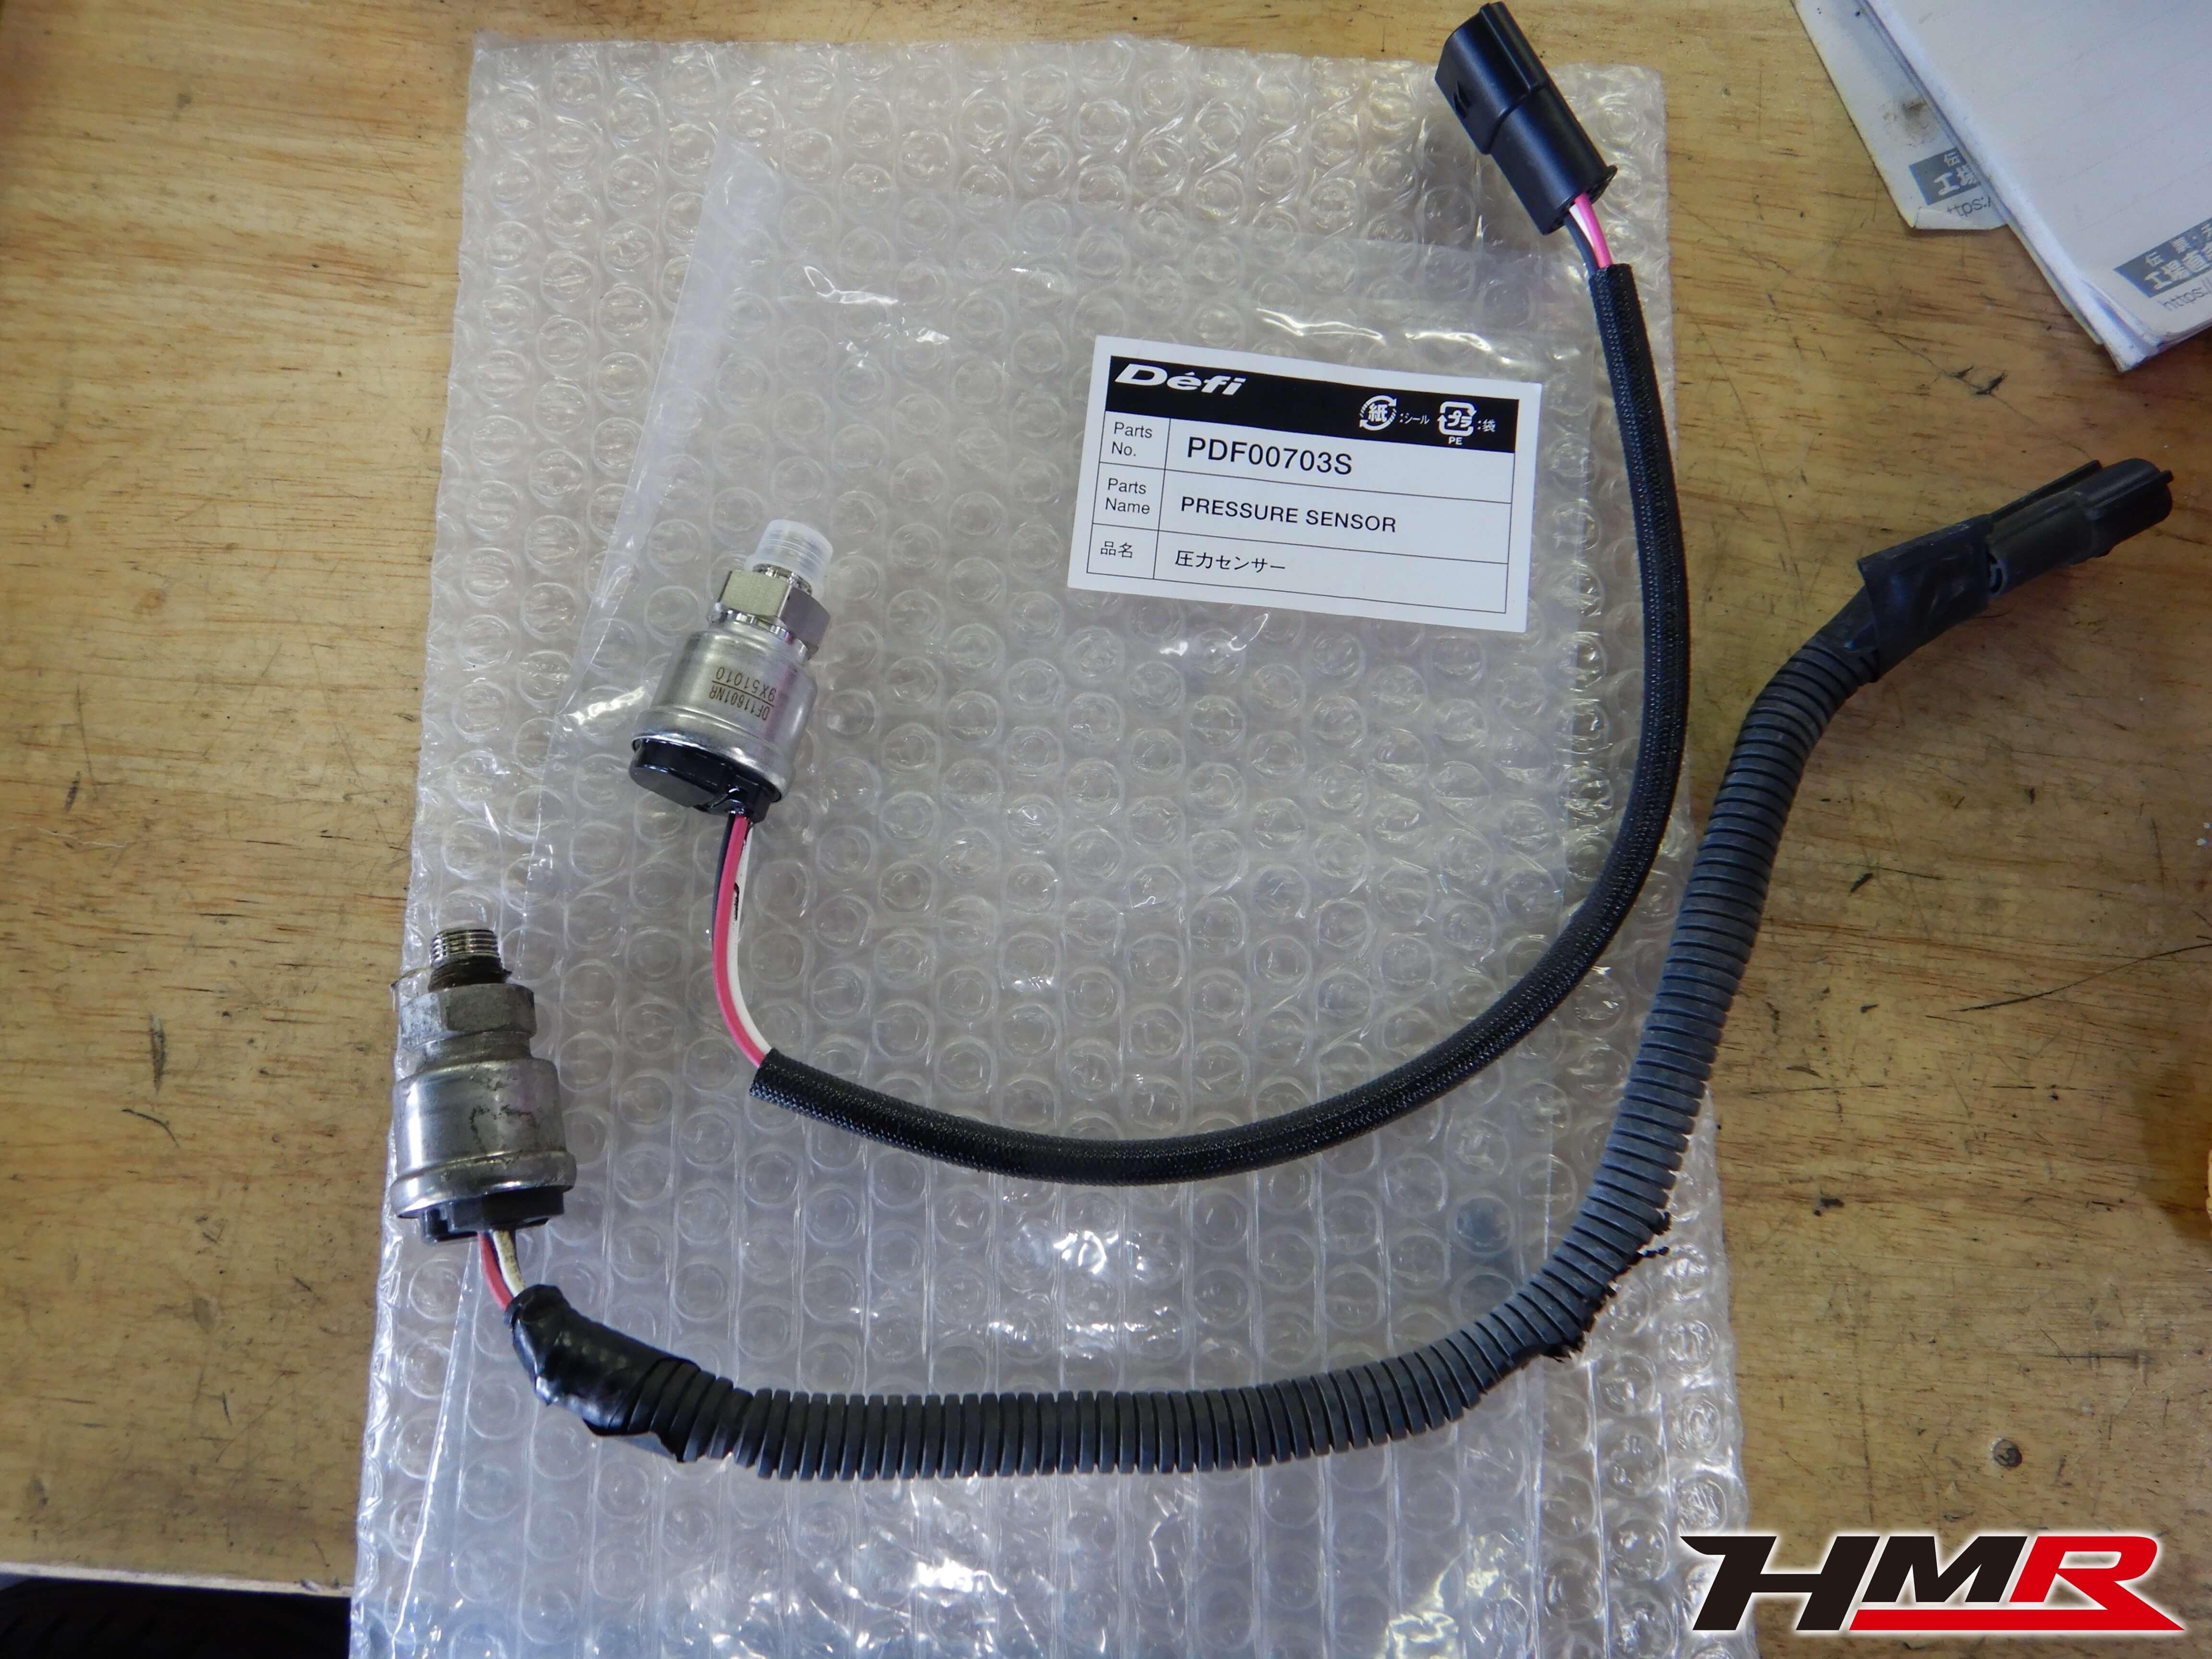 シビックユーロR FN2 Defi油圧センサー